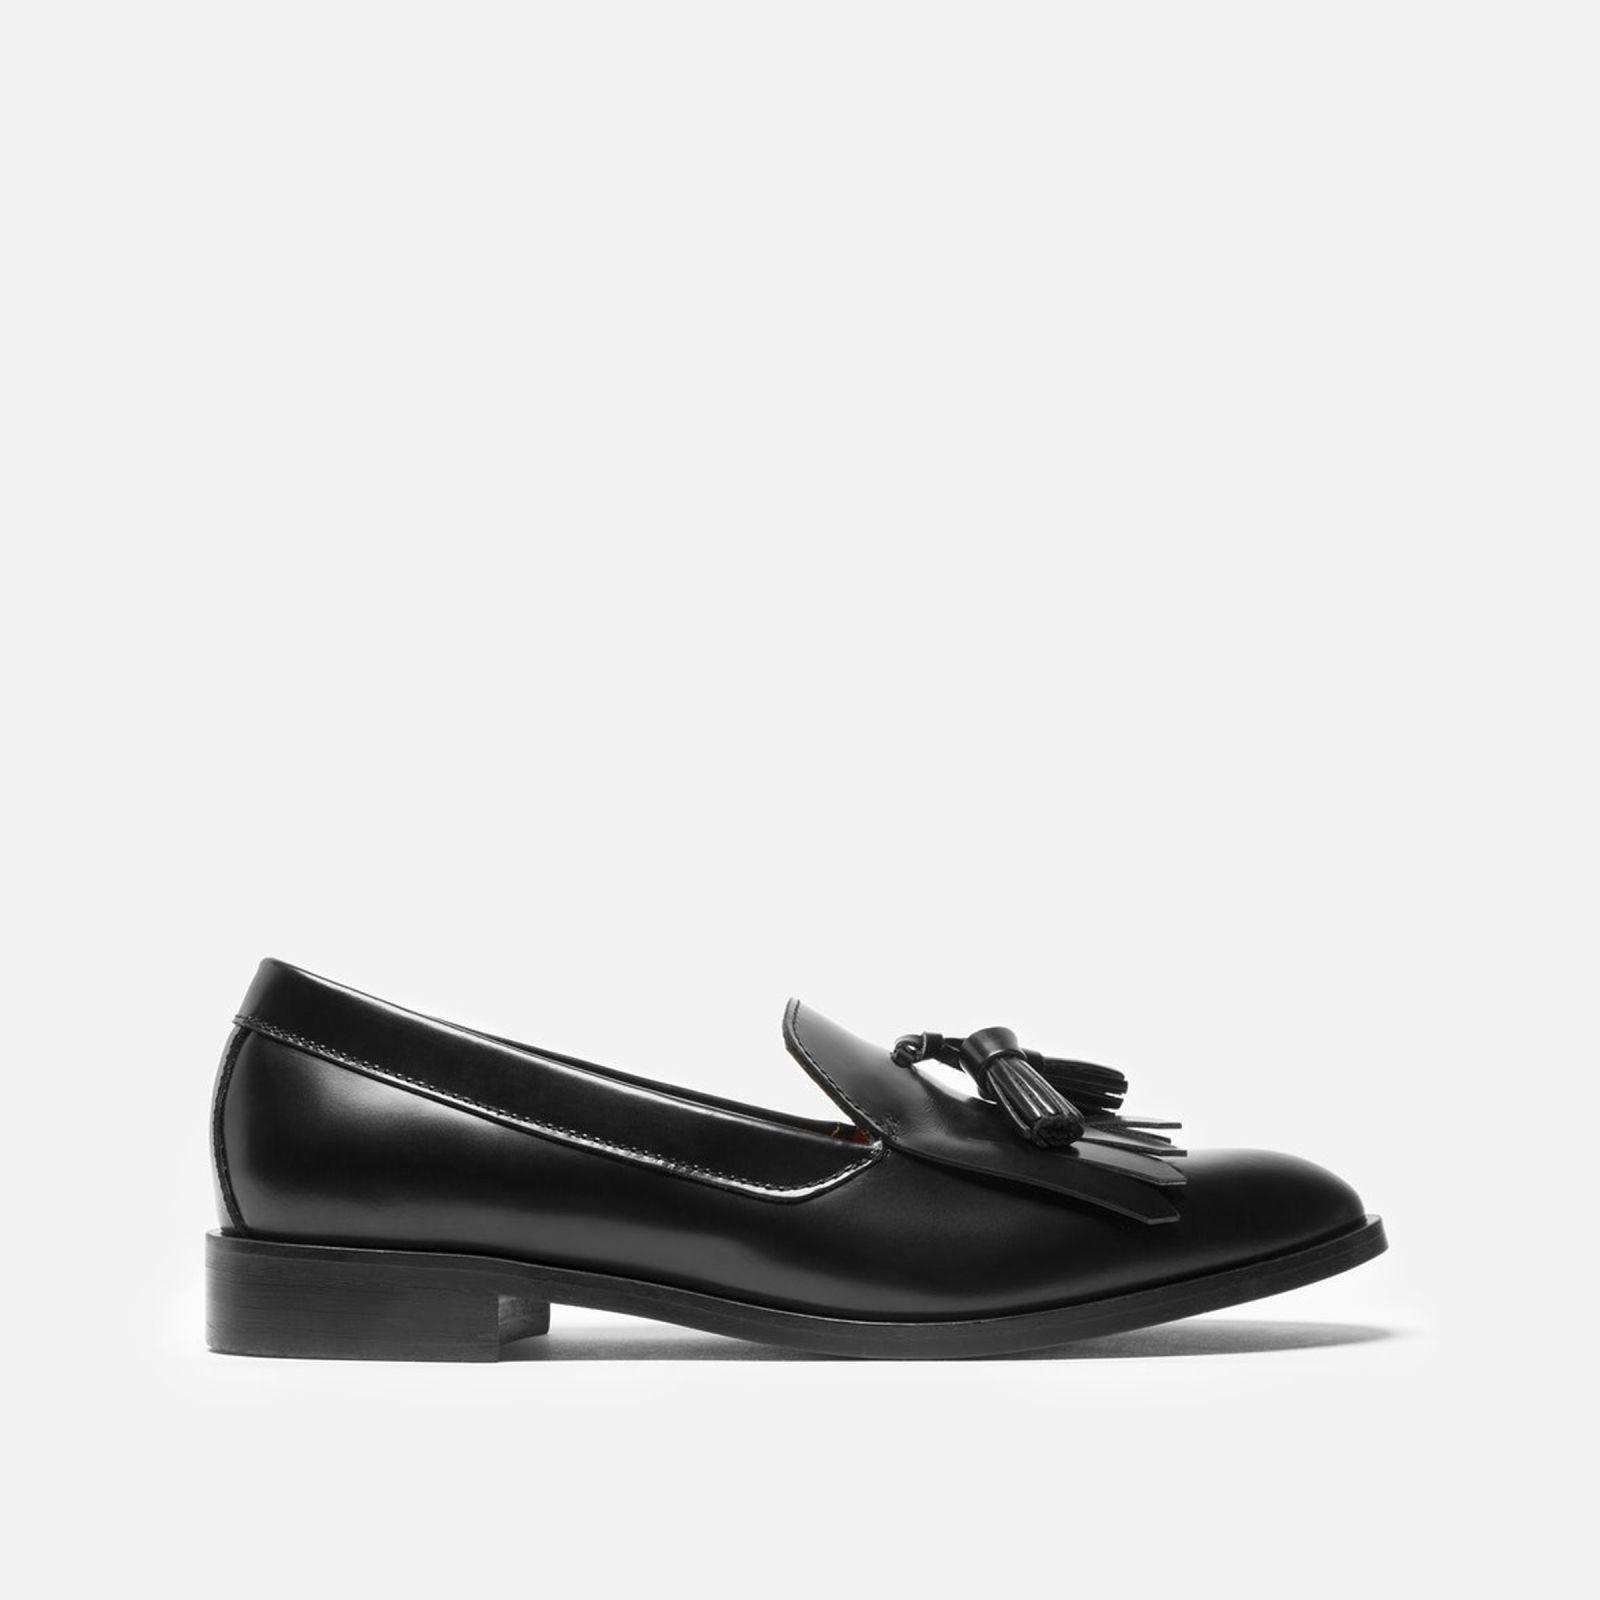 6d7a82e644c Lyst - Everlane The Modern Tassel Loafer in Black